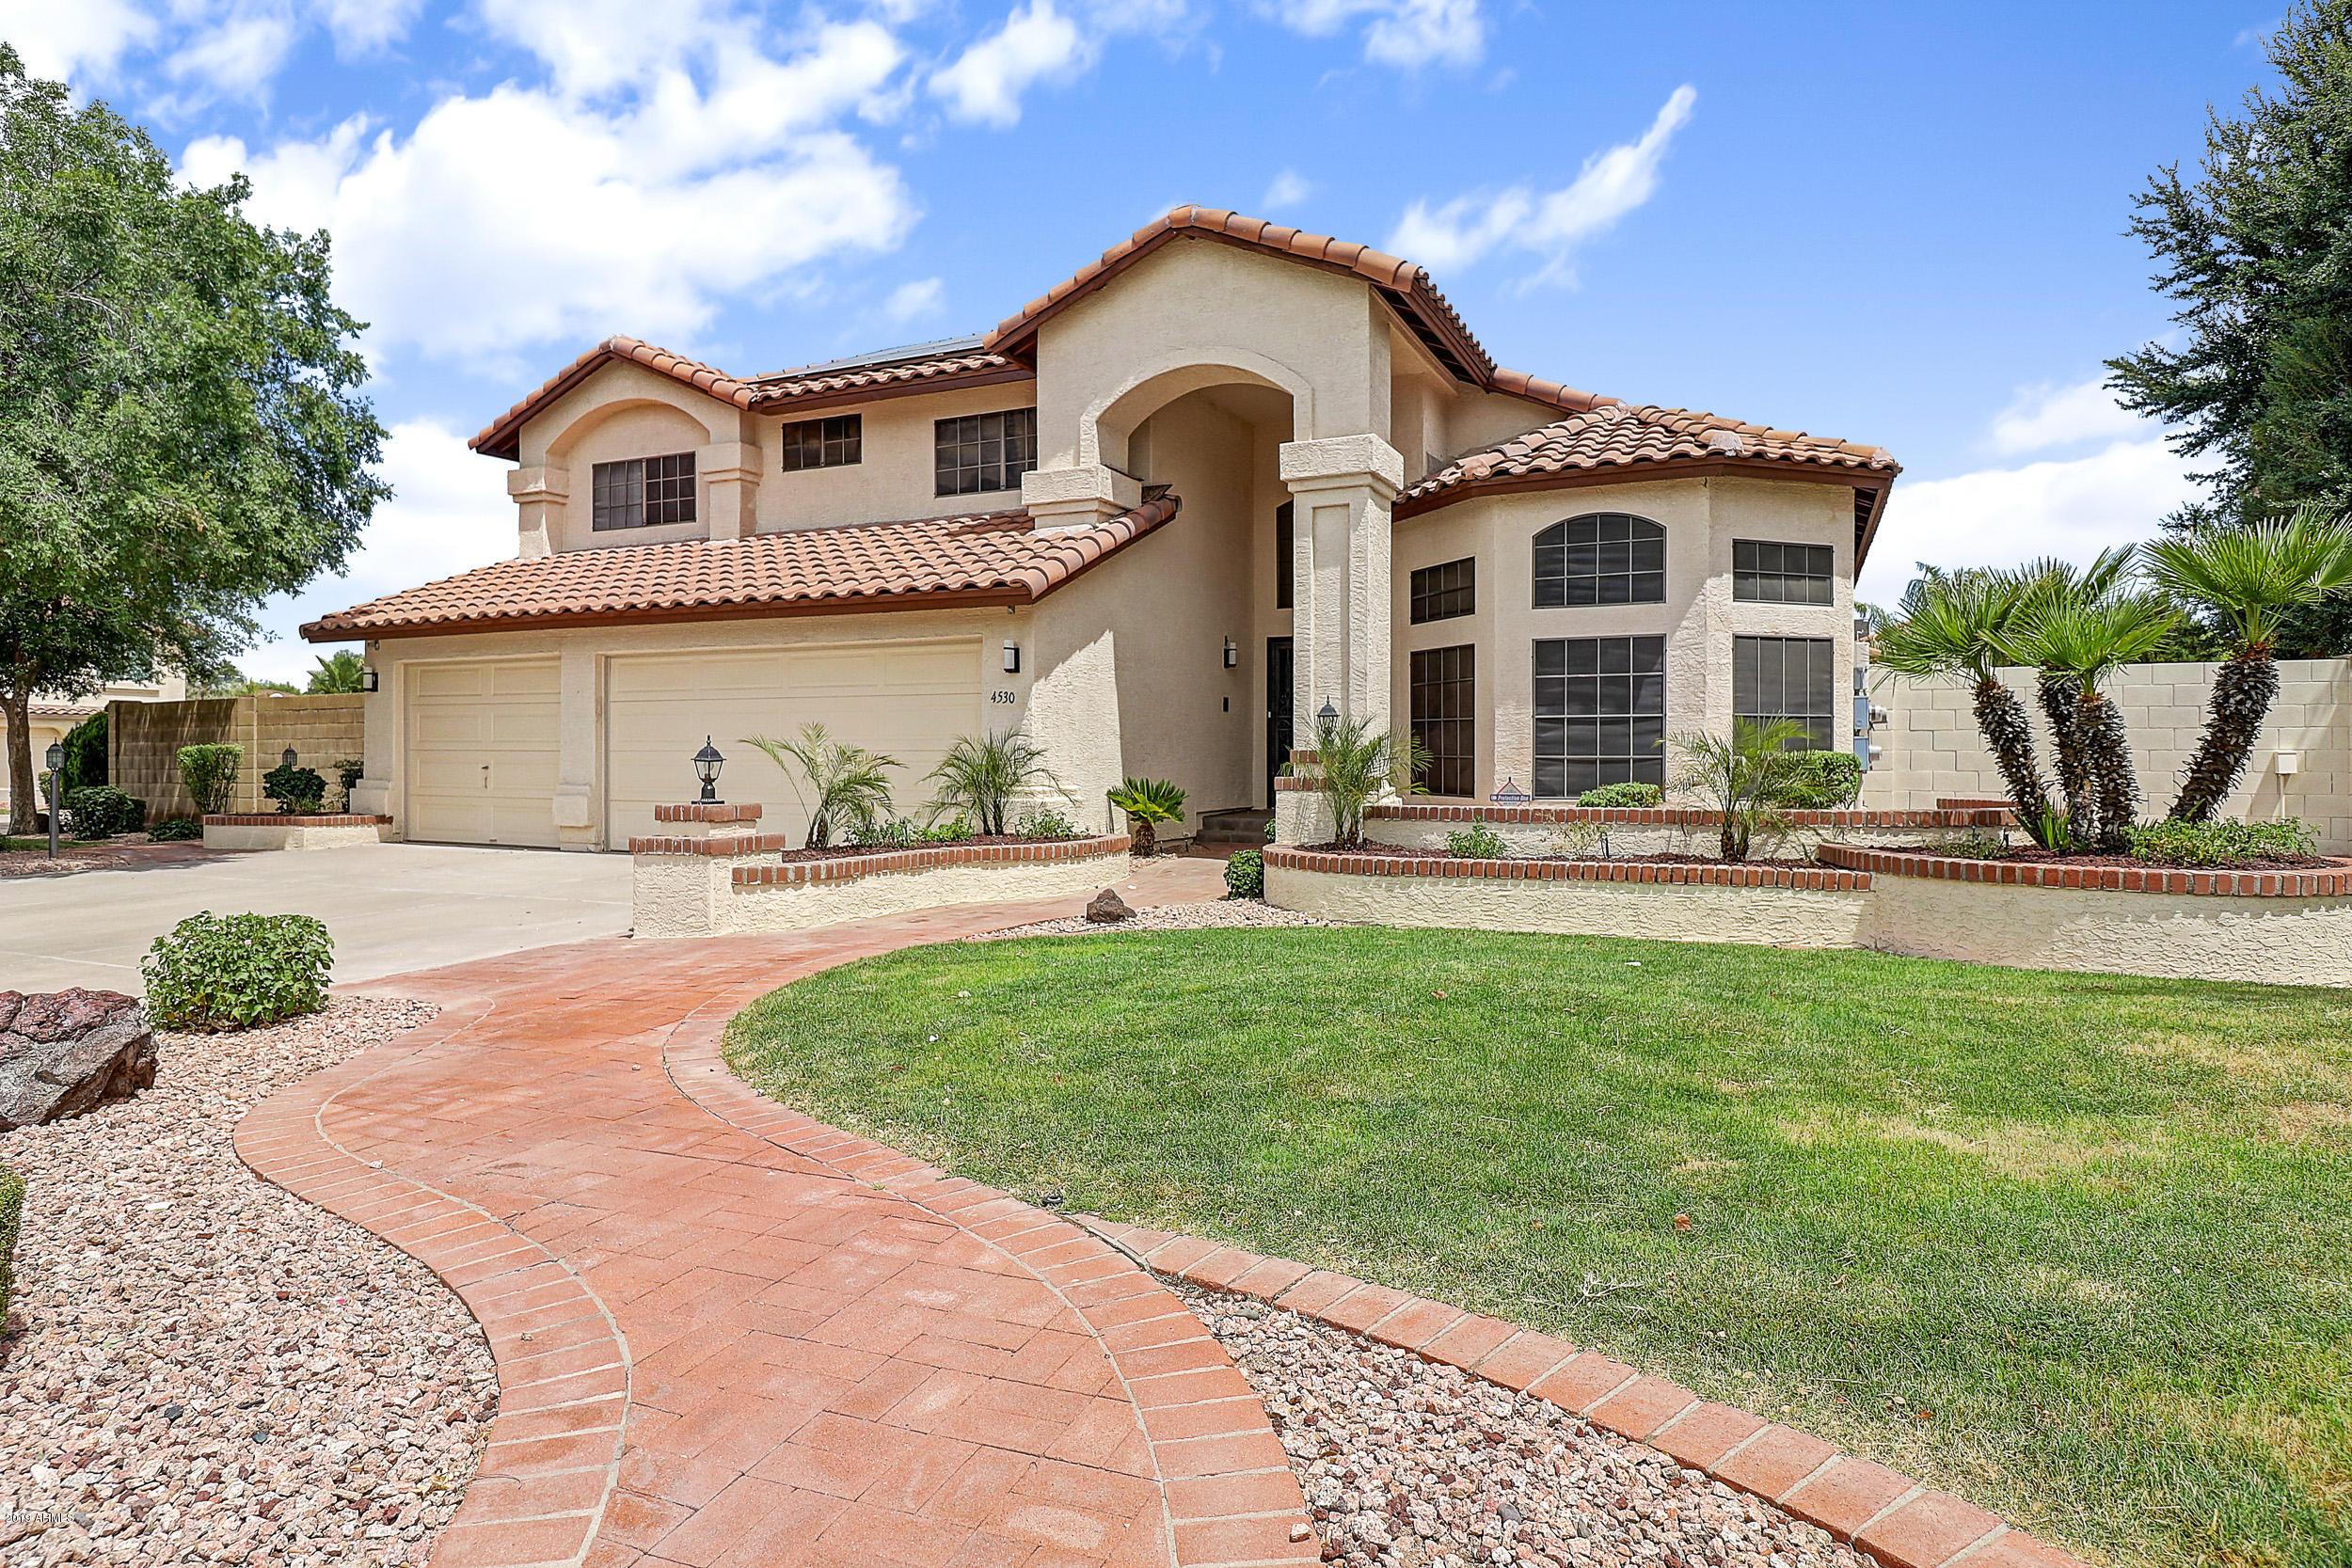 4530 E MARILYN Road, Phoenix AZ 85032